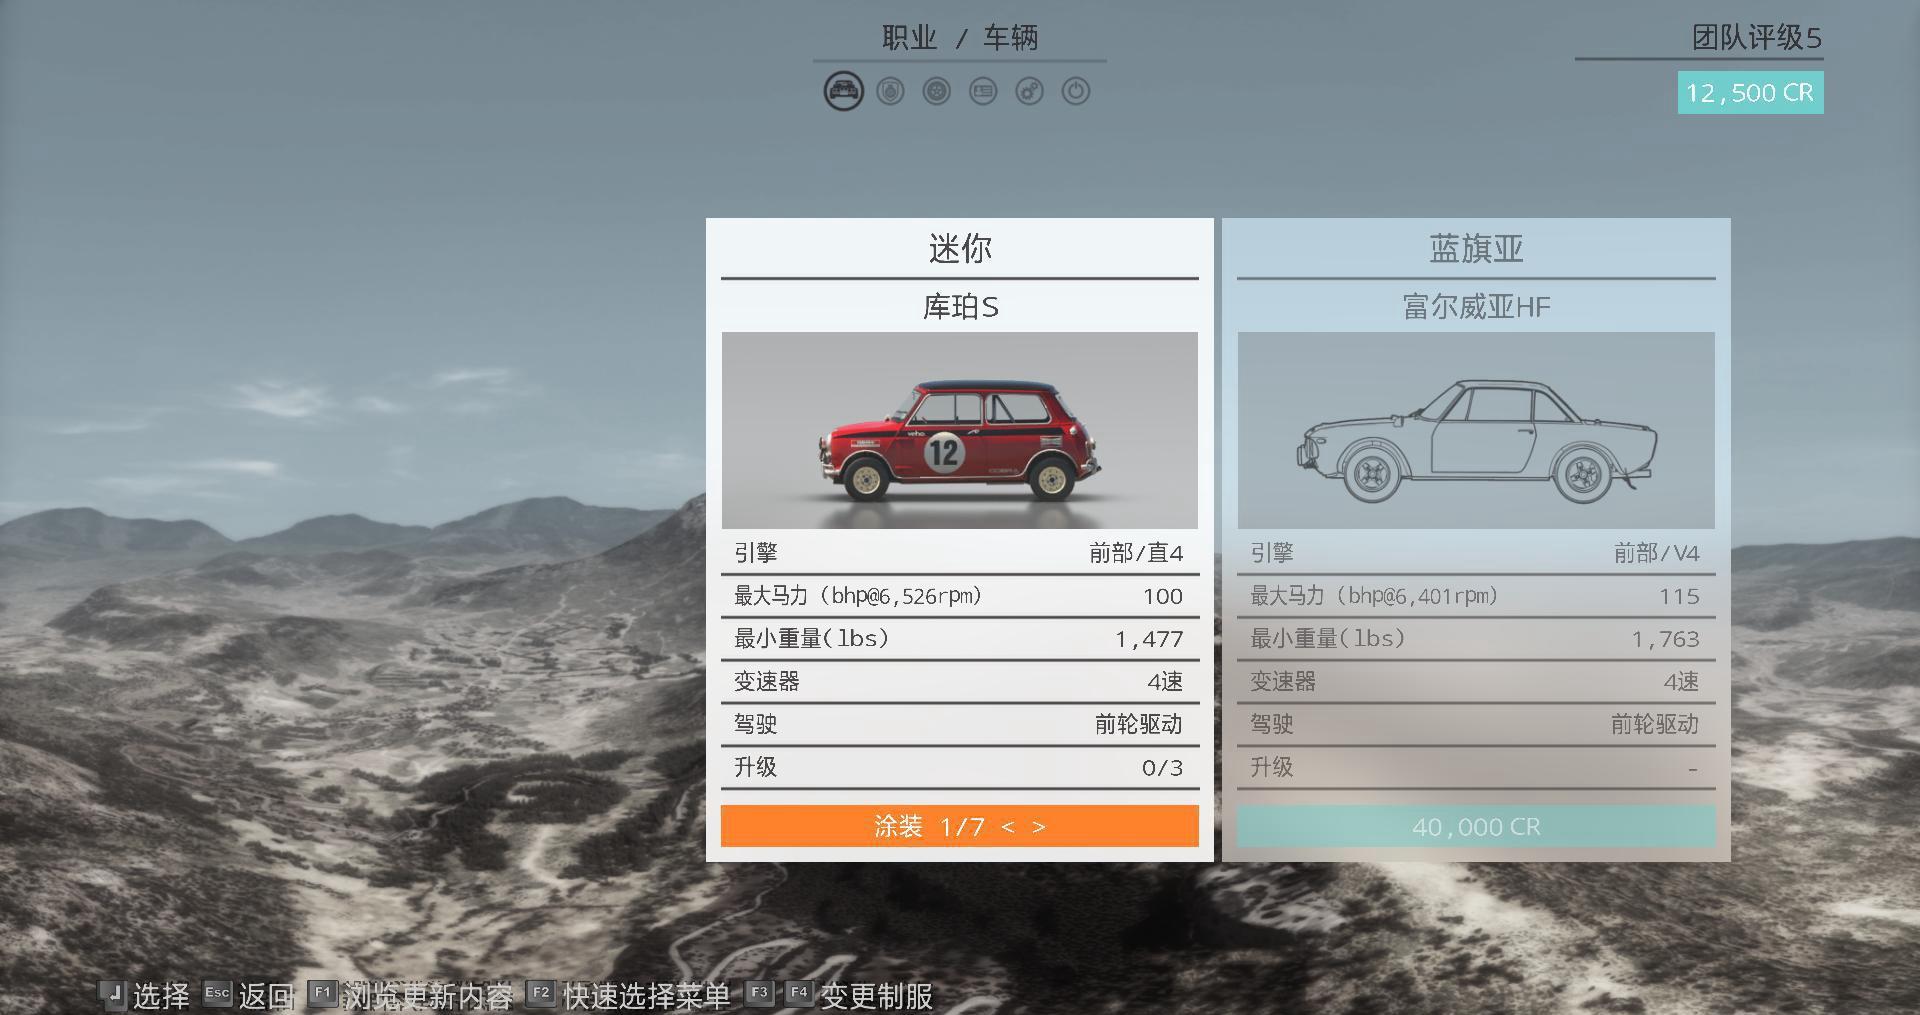 尘埃拉力赛中文破解版截图2